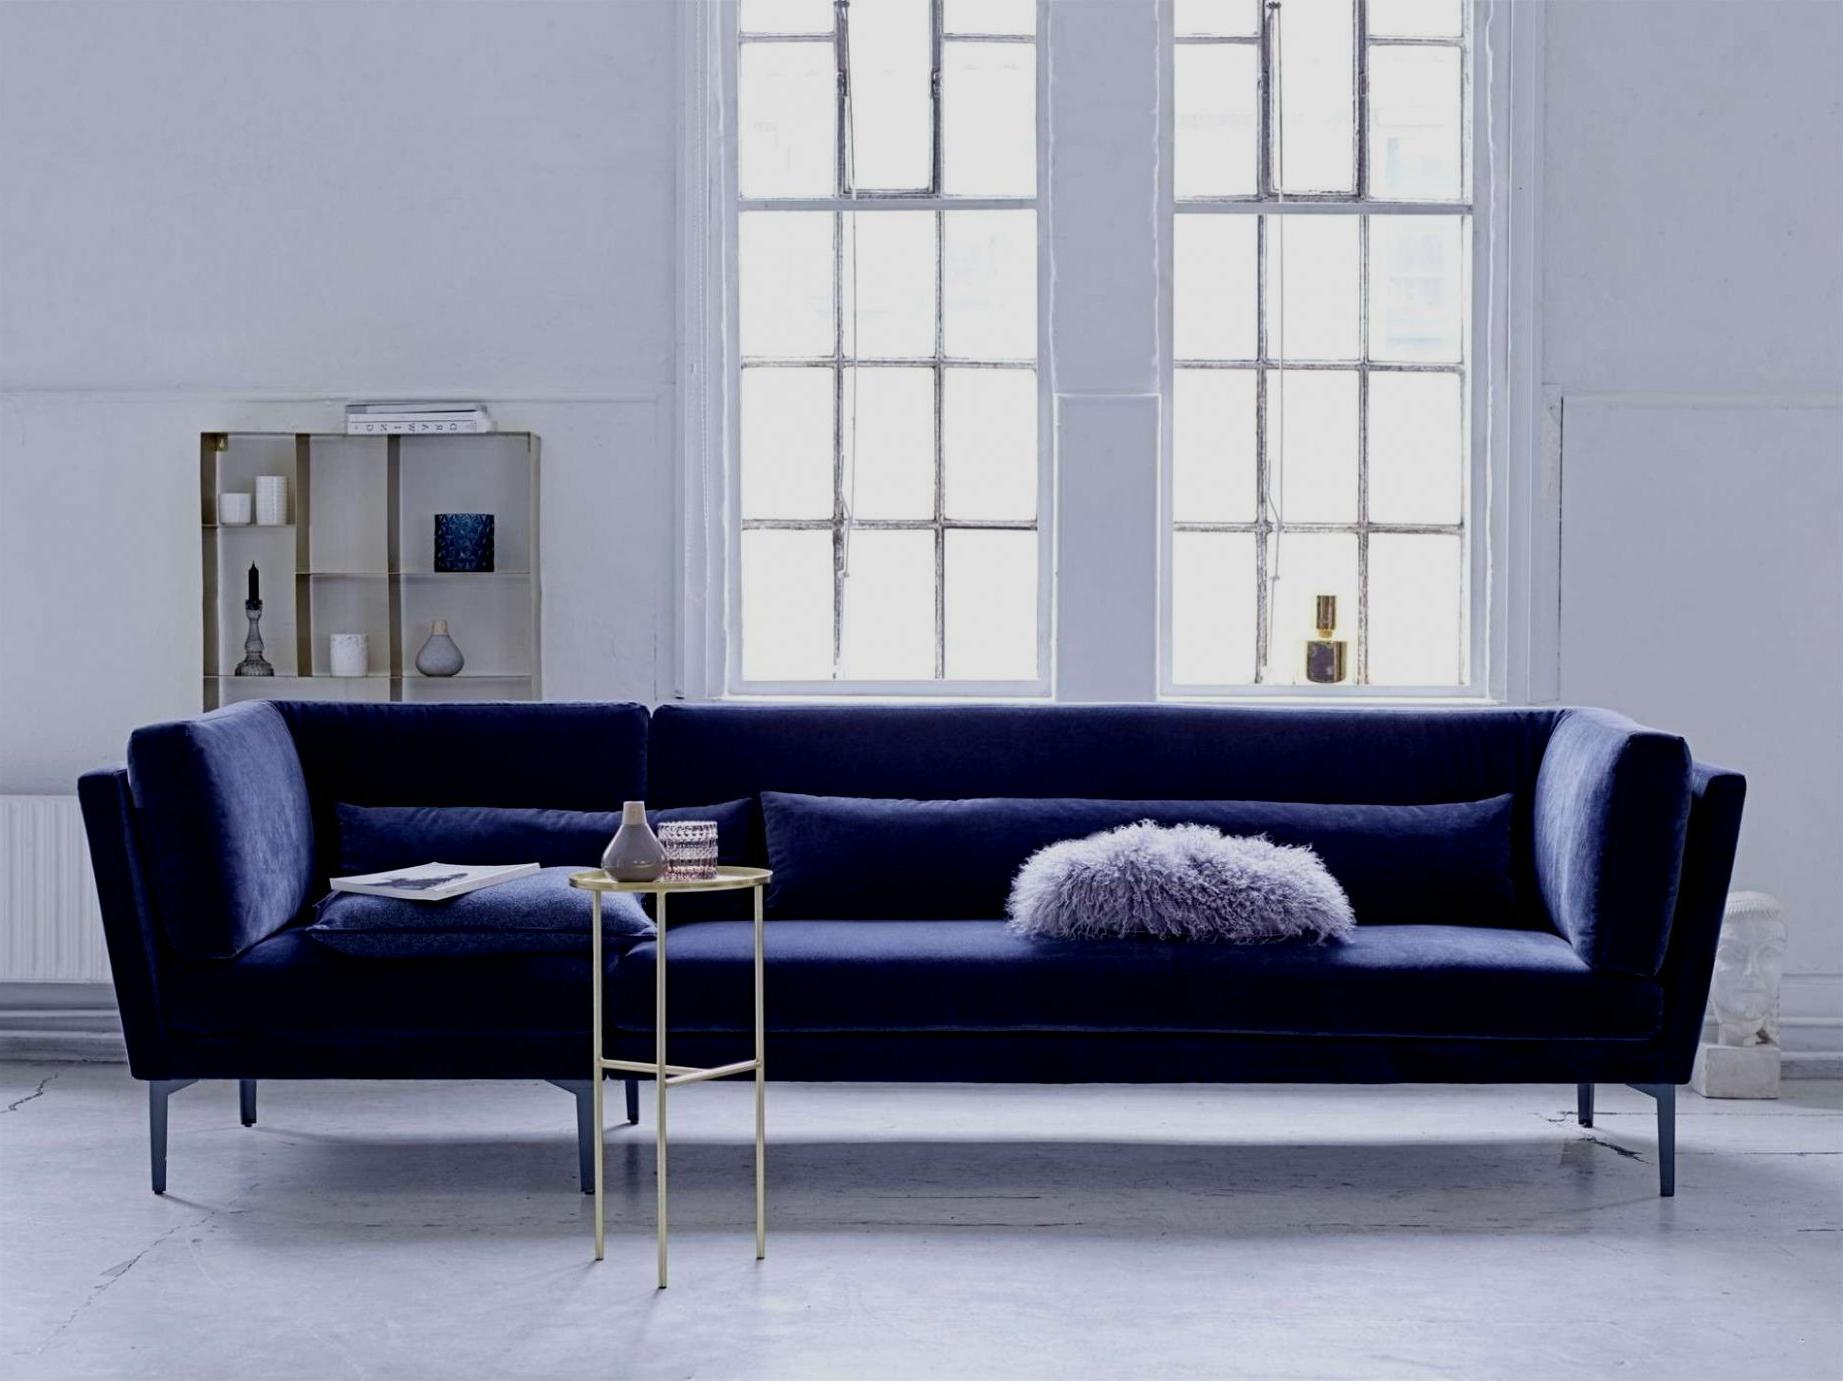 Sofas Modulares Conforama Zwd9 Ecksofas Conforama sofas De Conforama Hermoso Couch Mit